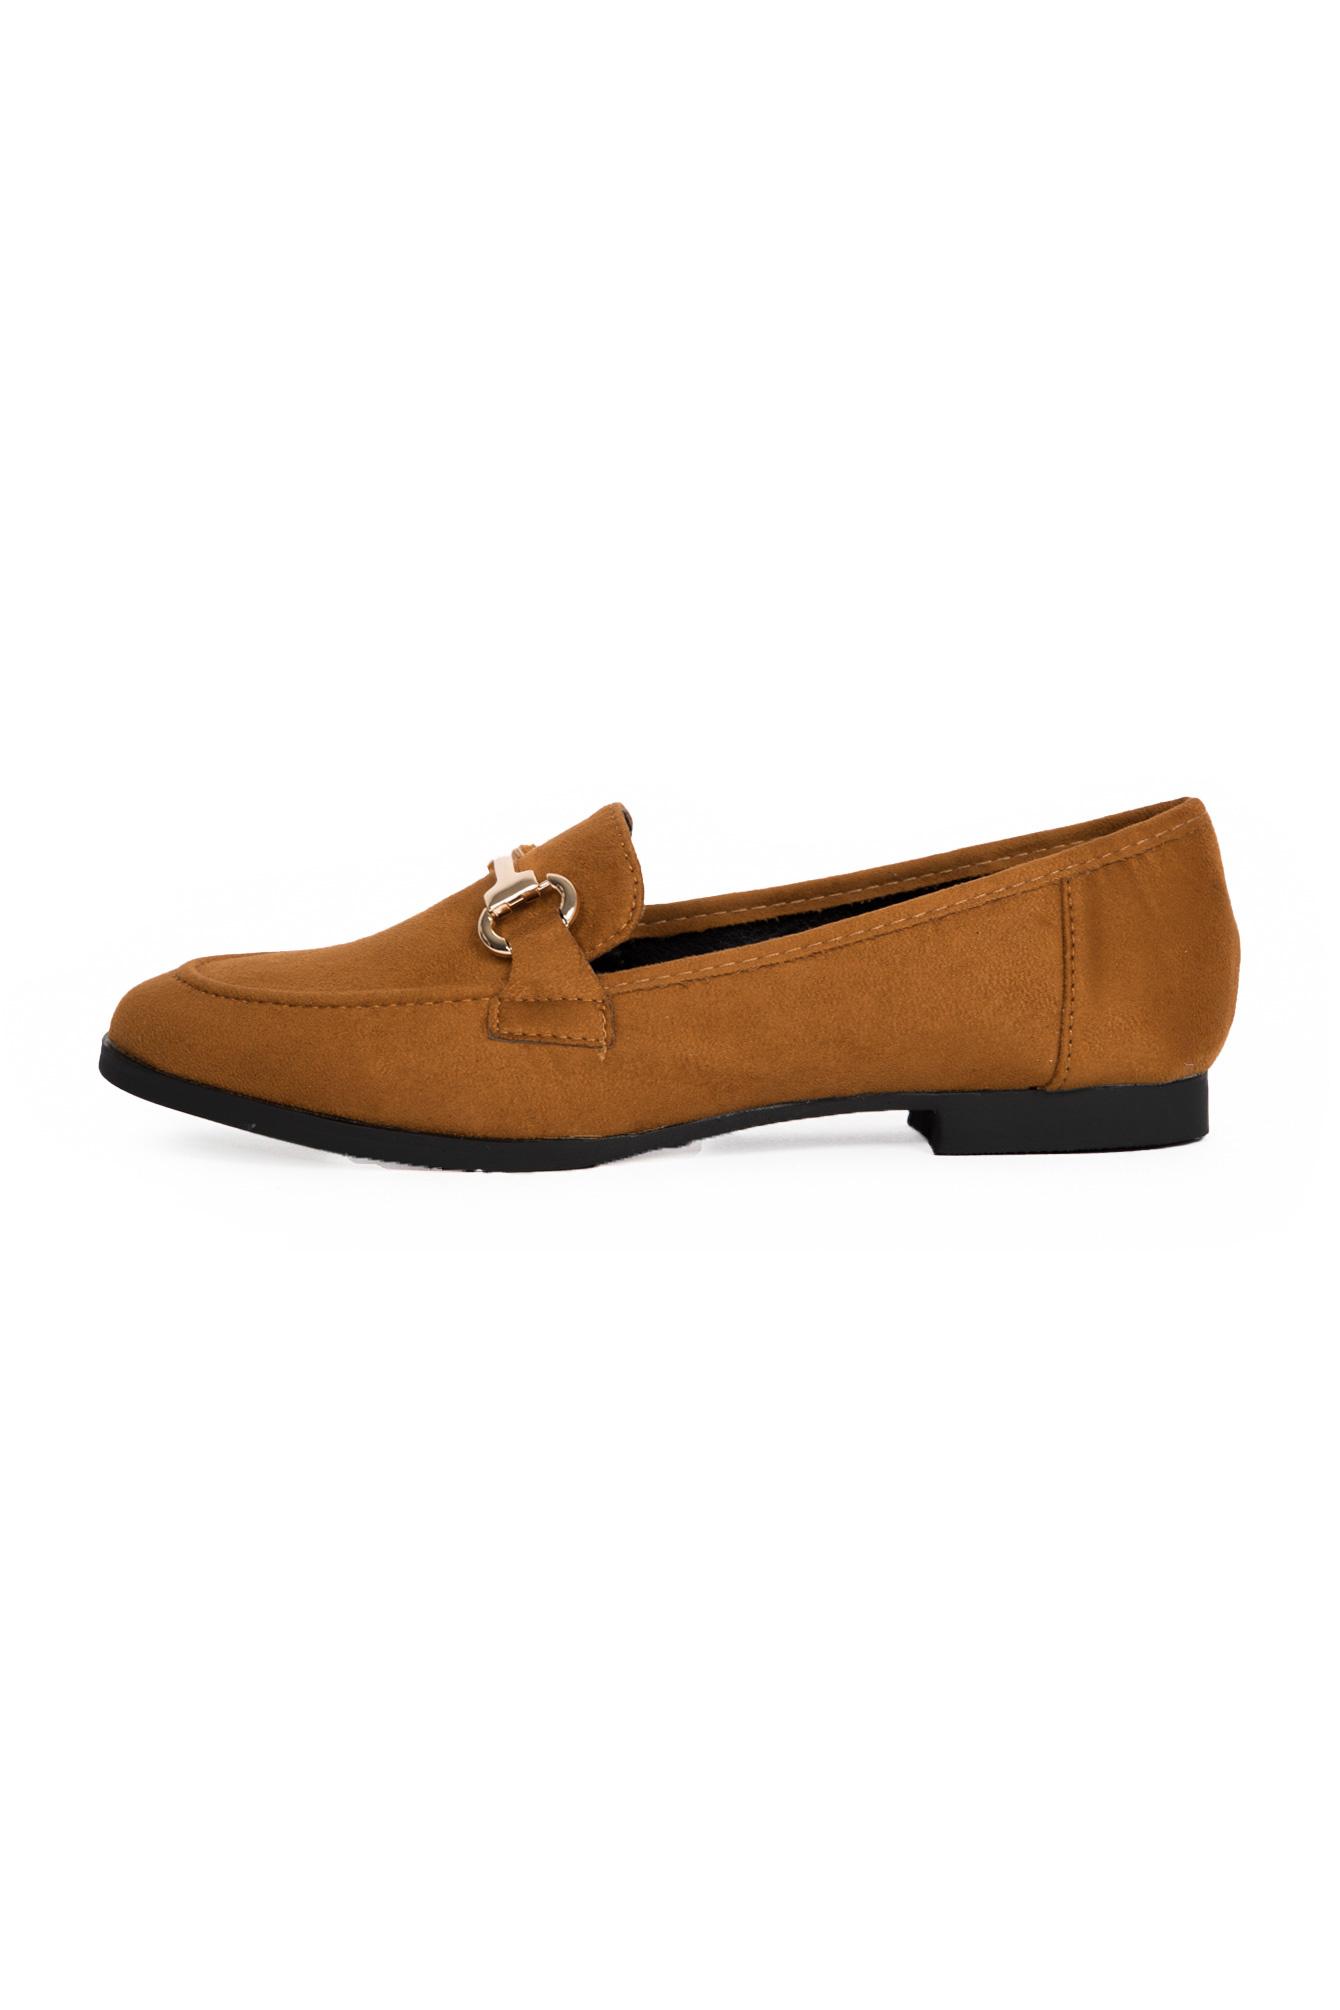 Camel loafer